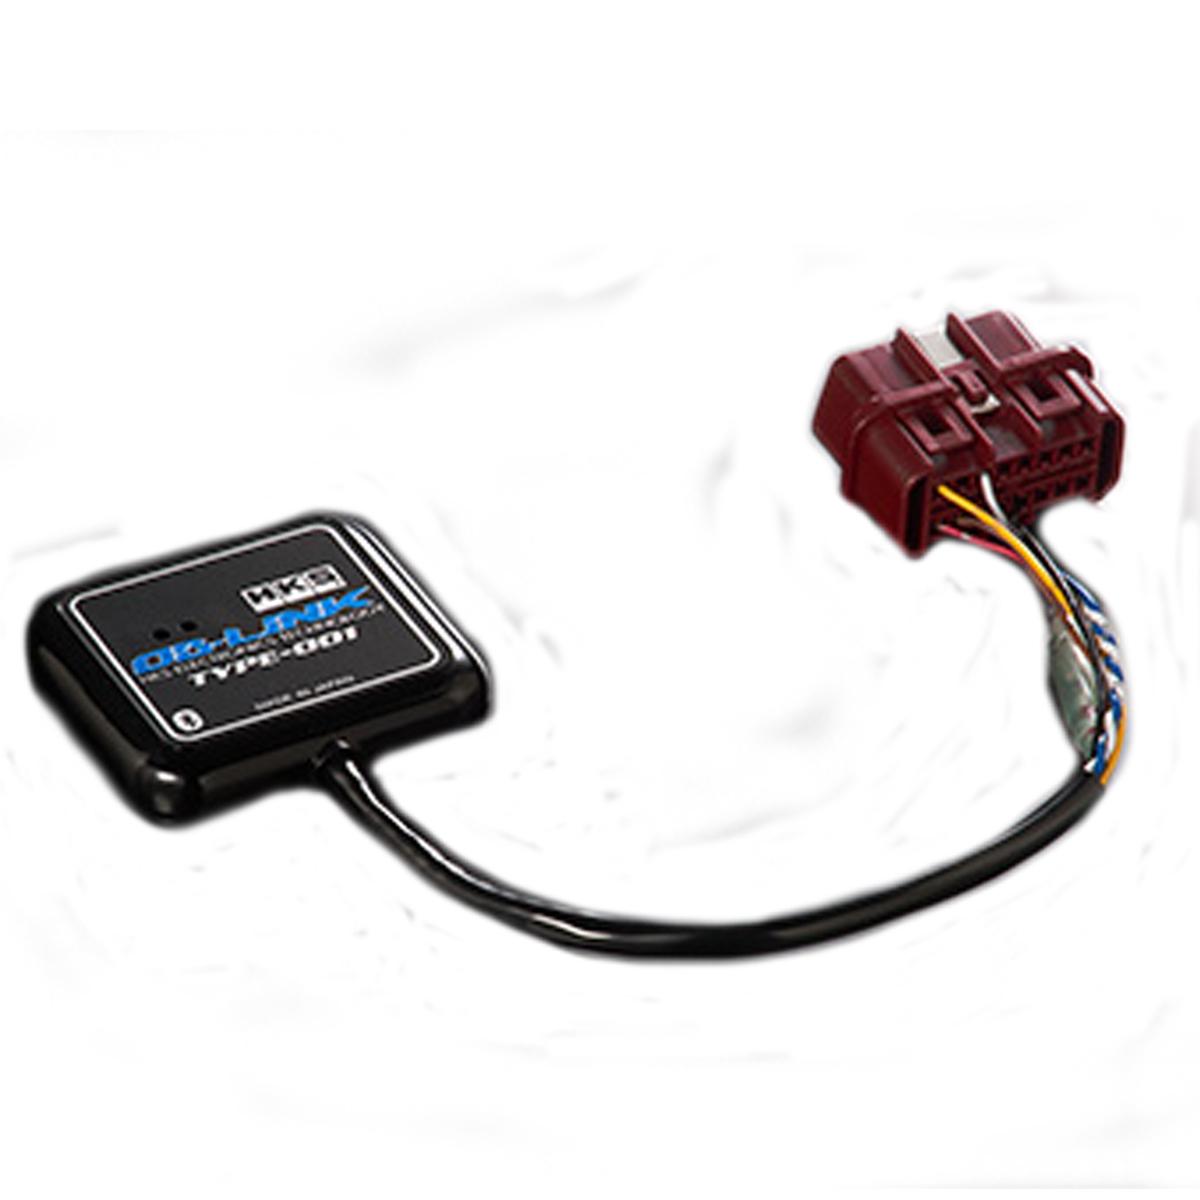 オーパ モニター OBリンク タイプ 001 ZCT10/15 HKS 44009-AK002 エレクトリニクス